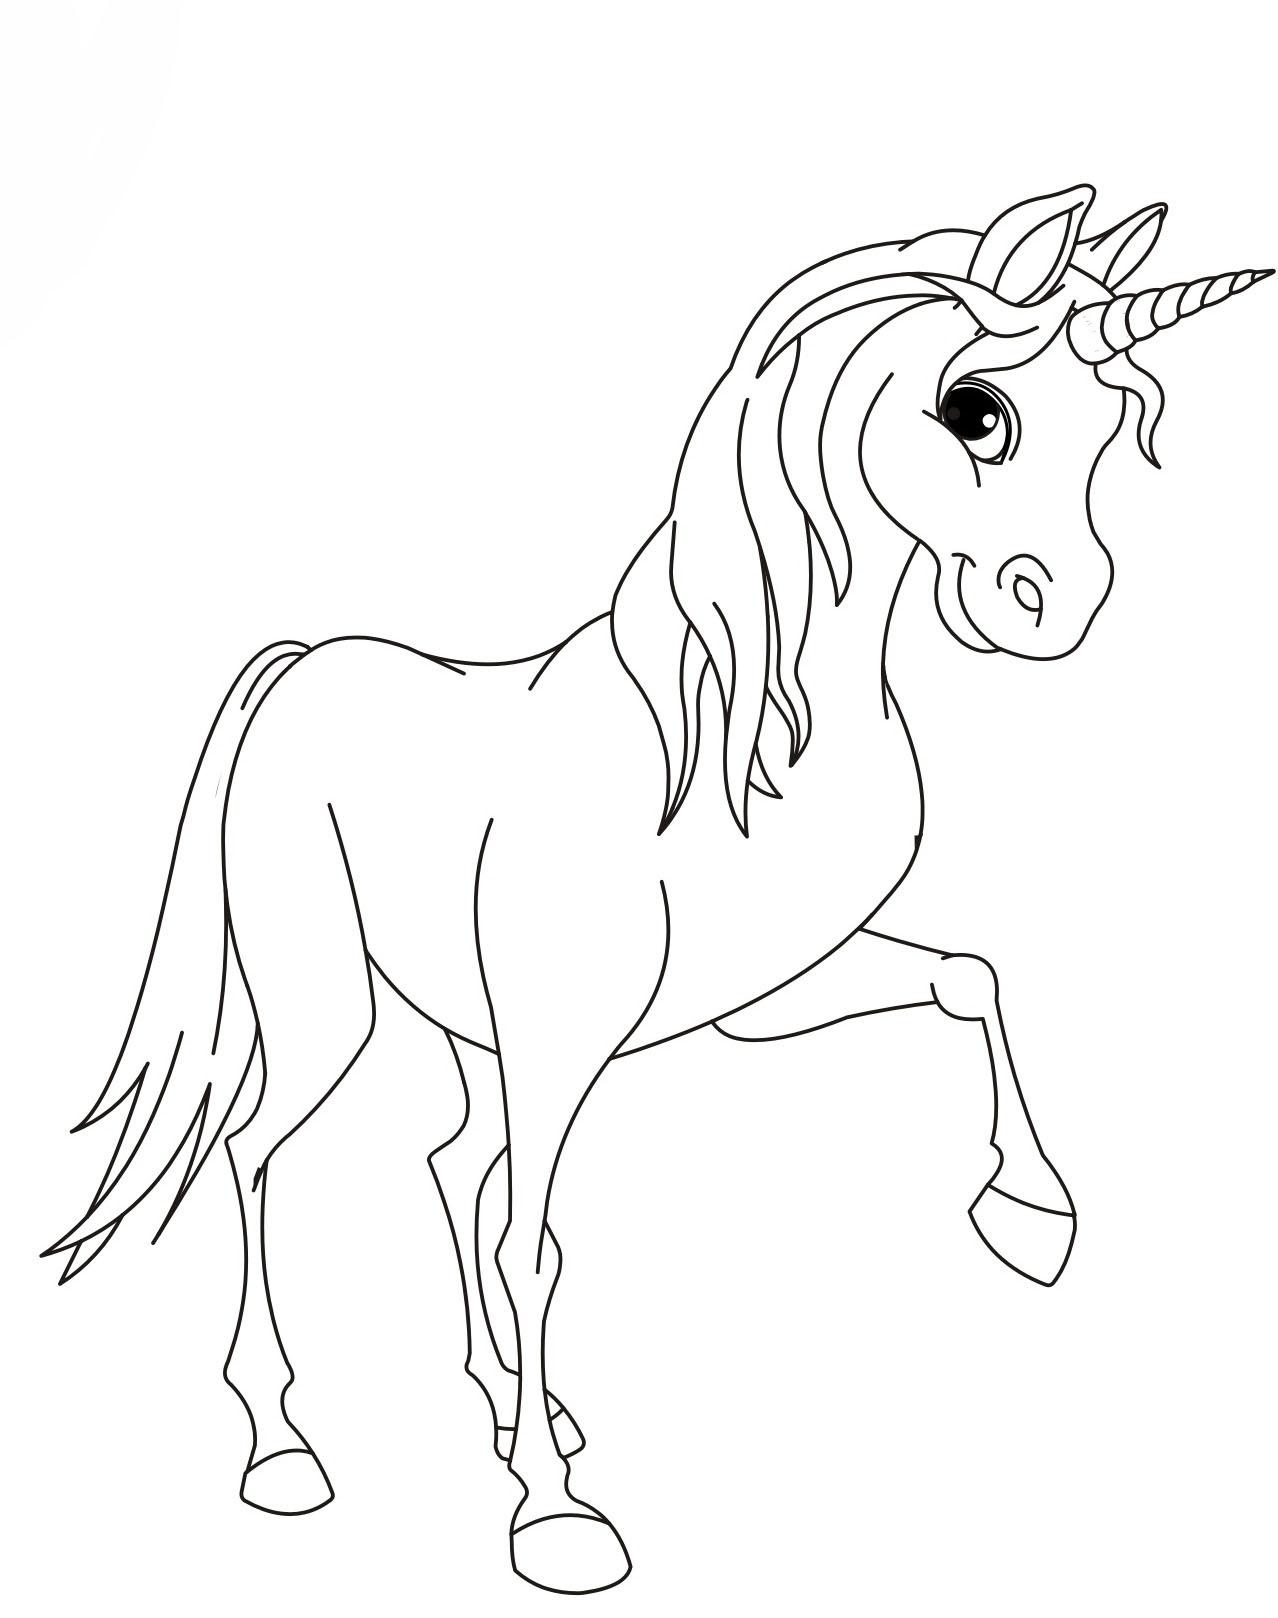 ausmalbilder malvorlagen von pegasus pferd kostenlos zum